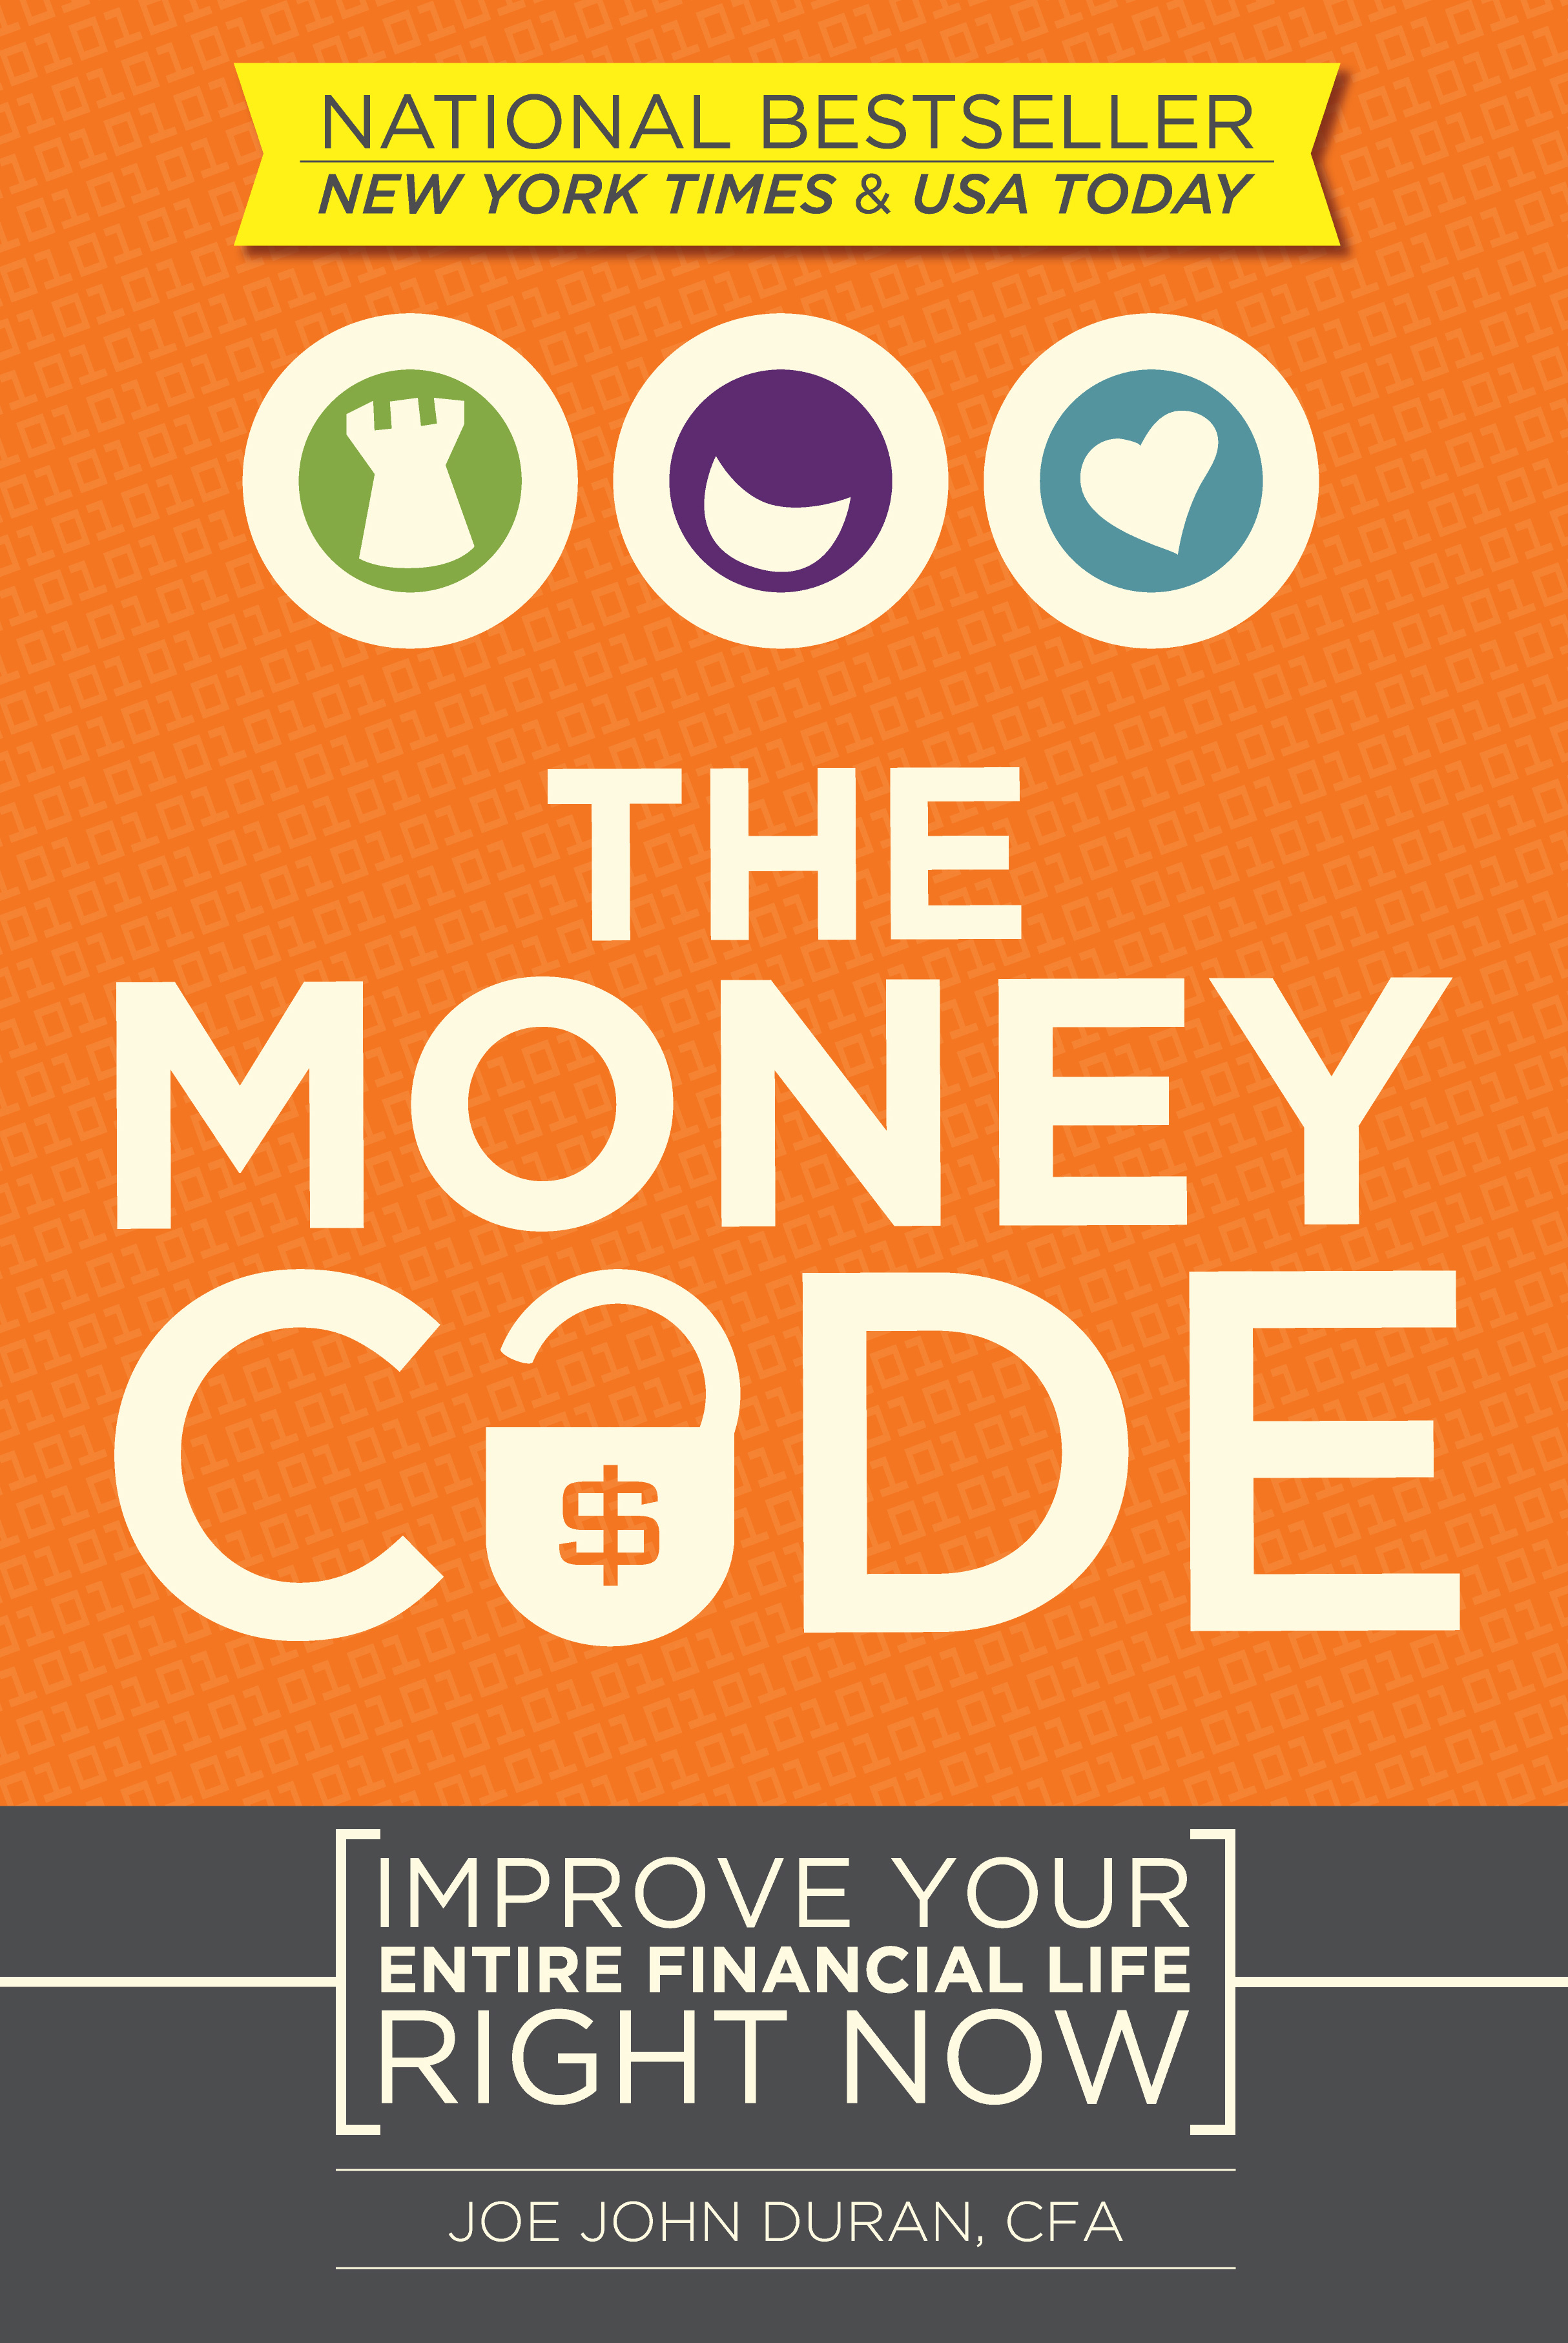 NEW YORK TIMES Best Seller: THE MONEY CODE